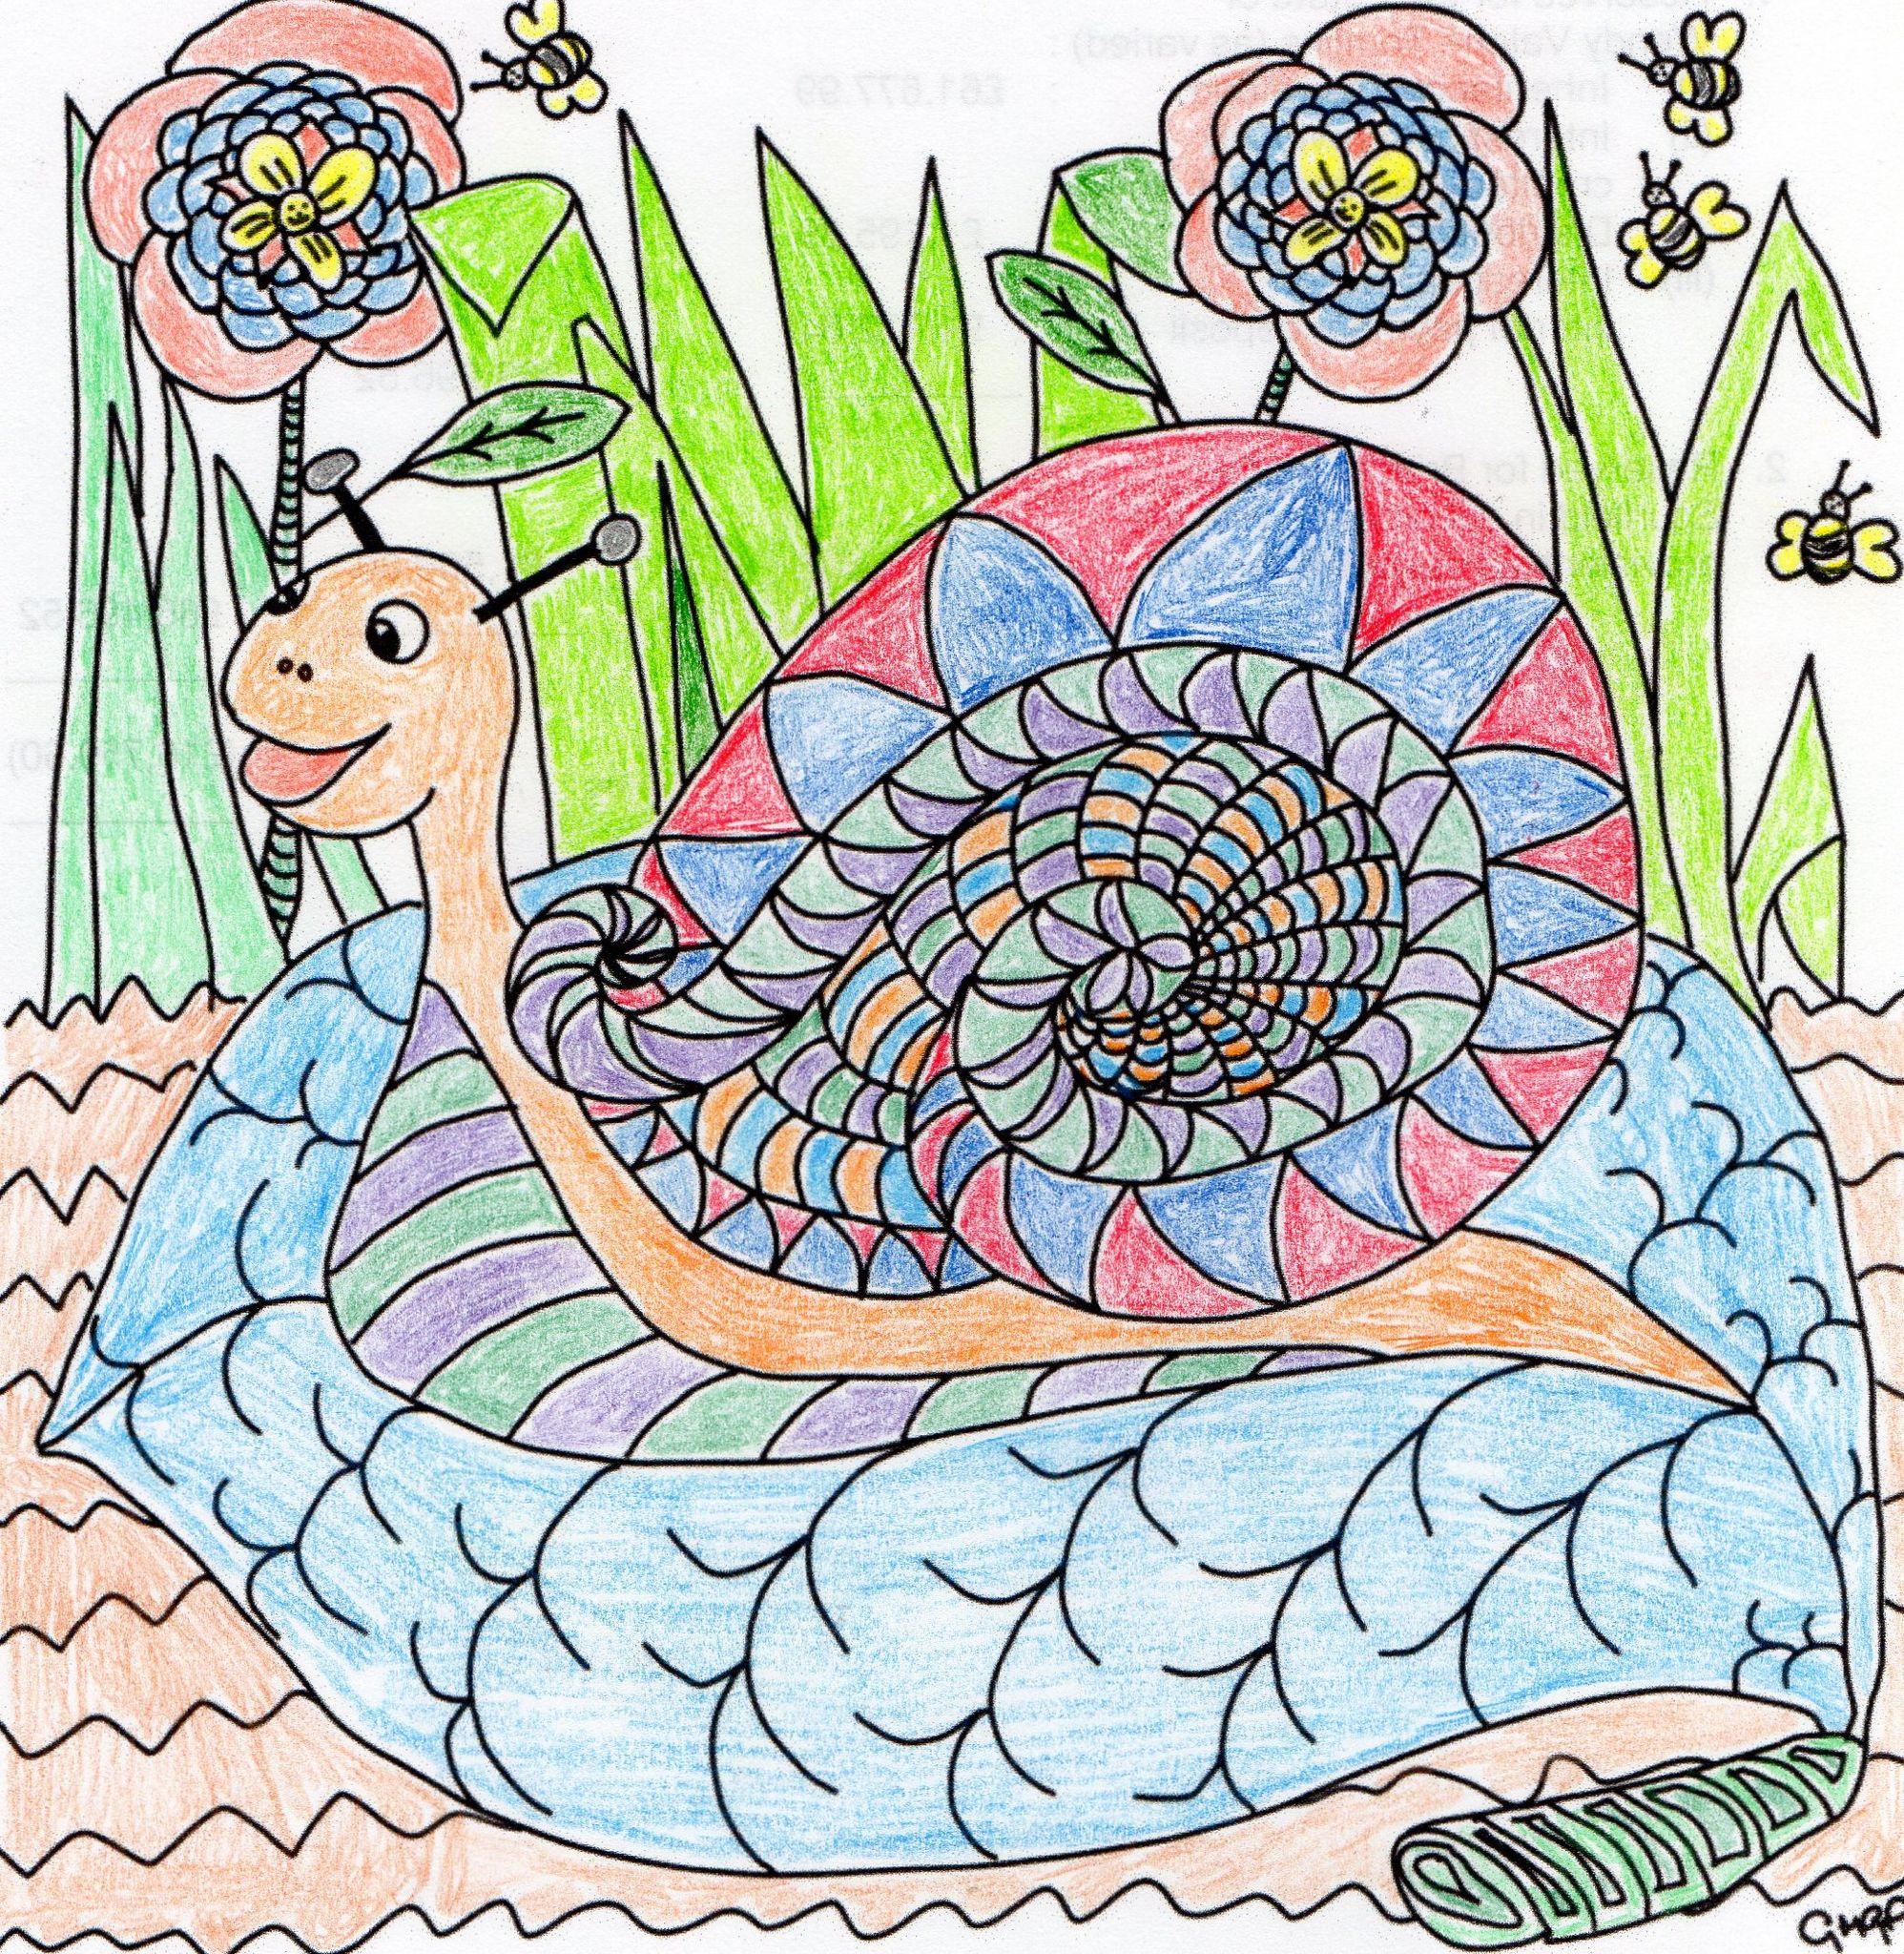 A Cheerful Snail